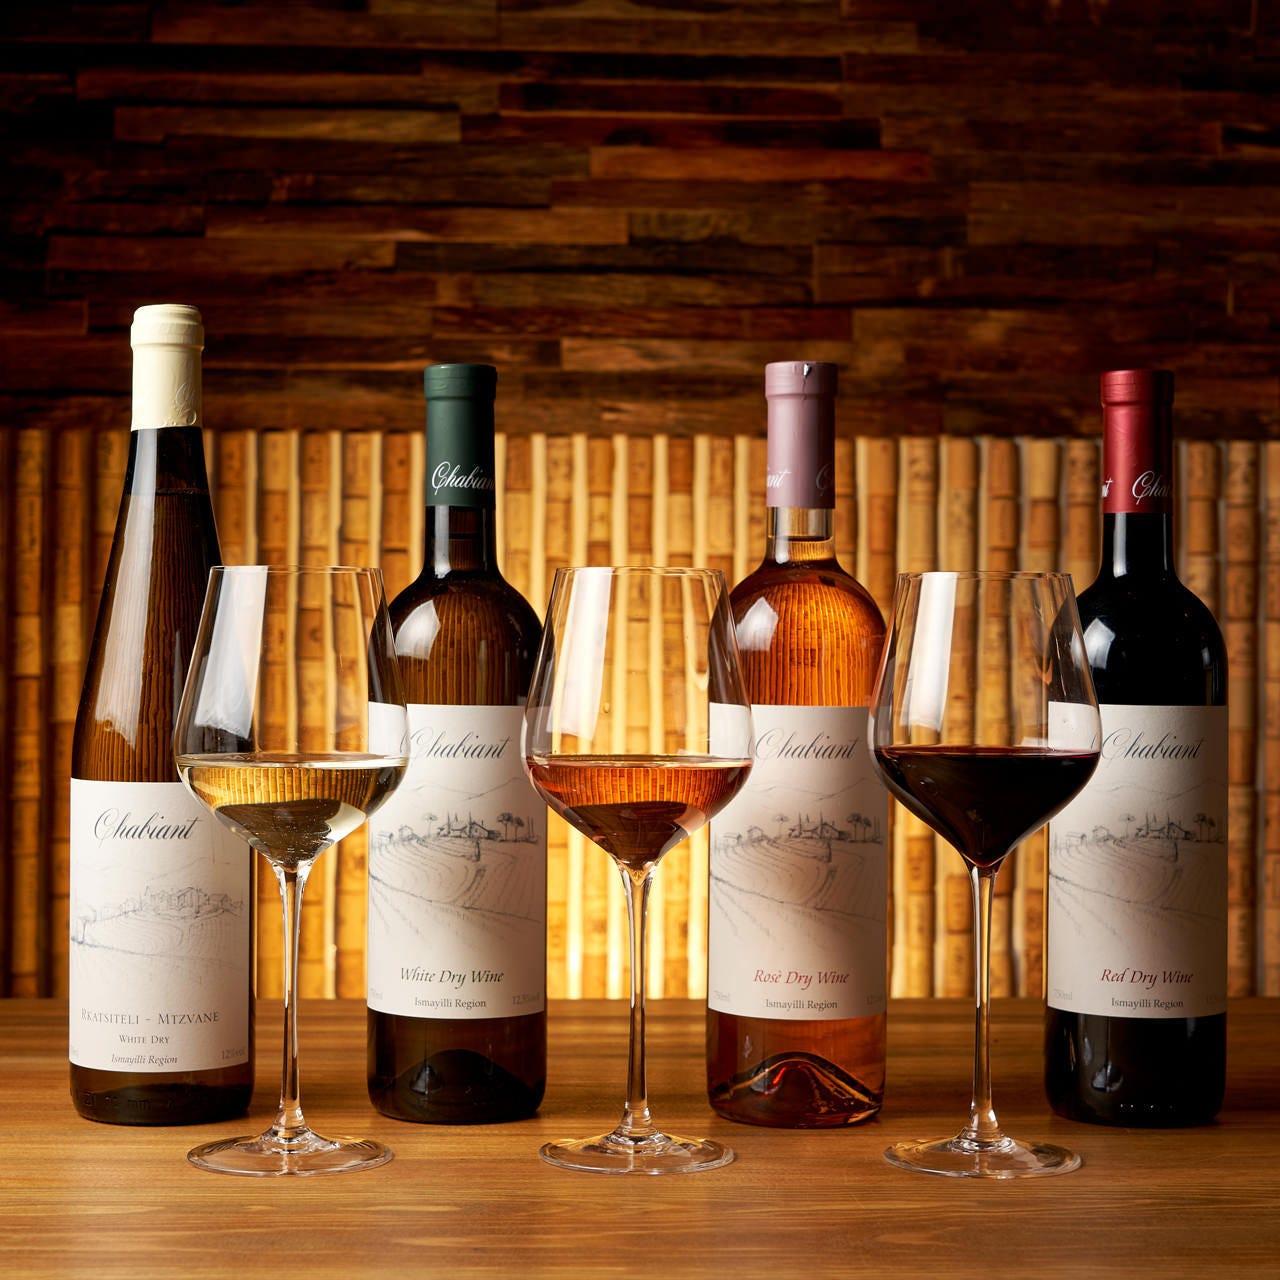 お食事に合わせてワインをお楽しみいただけます。